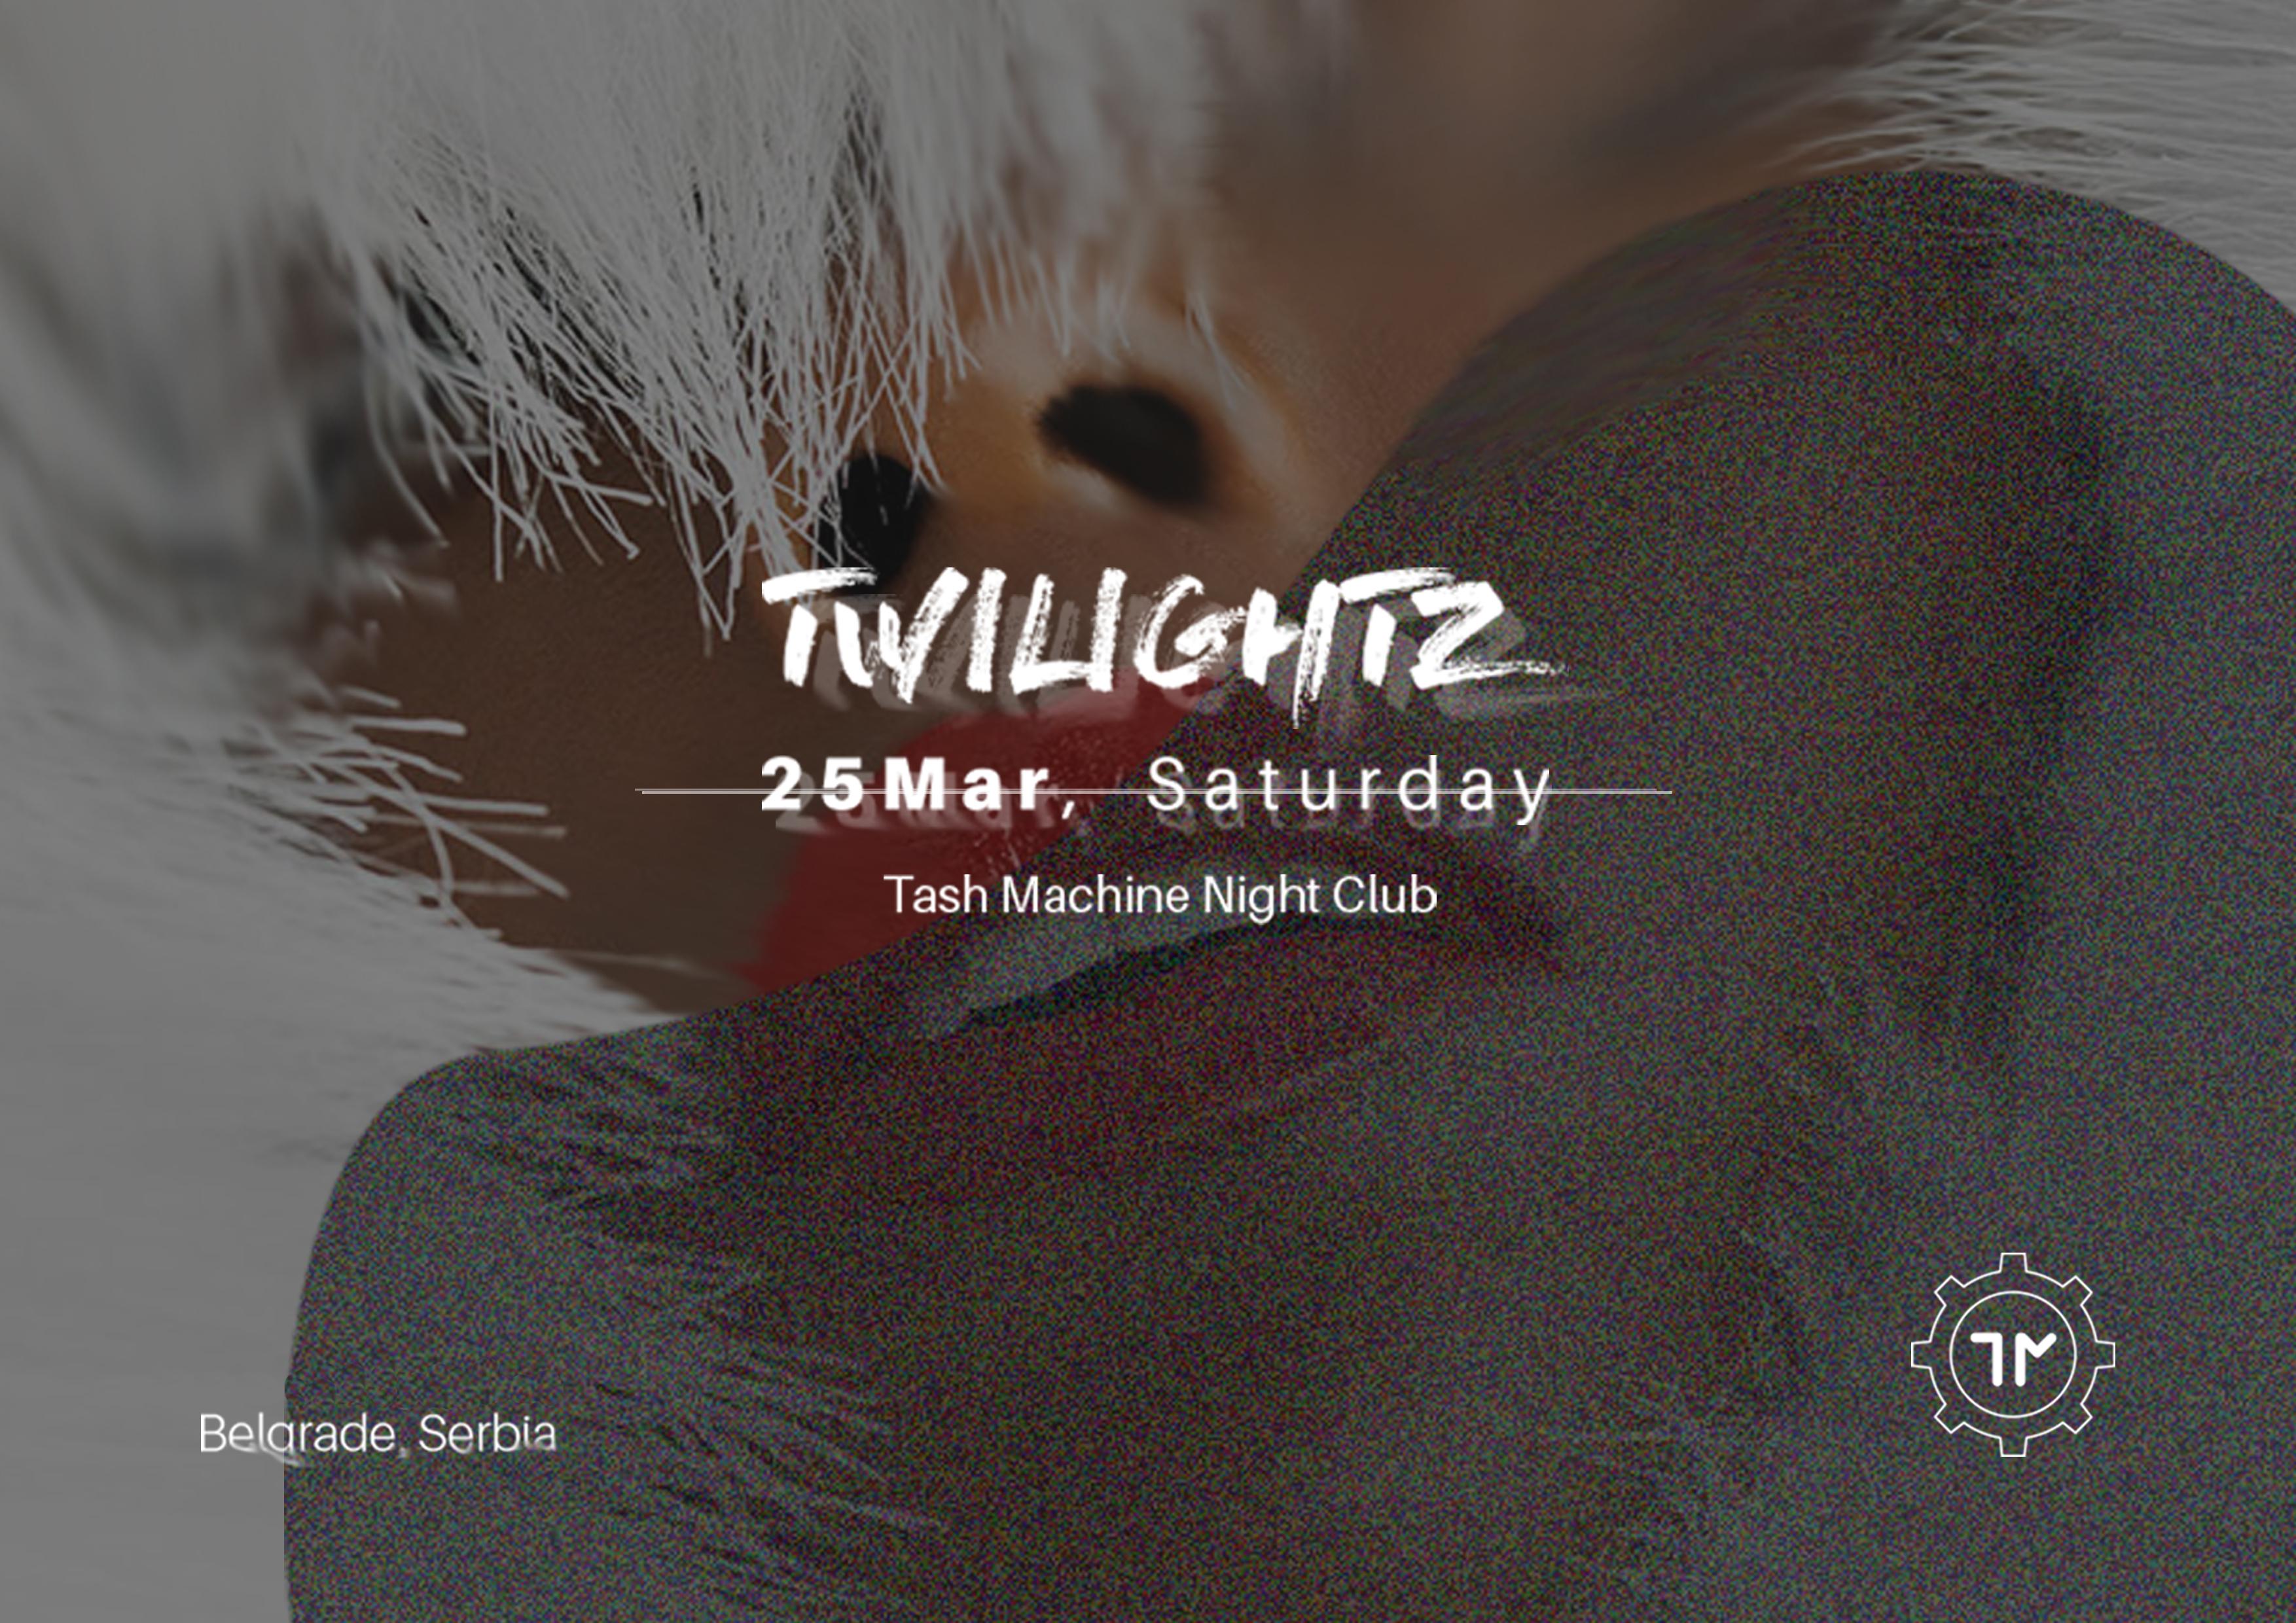 flyer-2-fb-twilightz